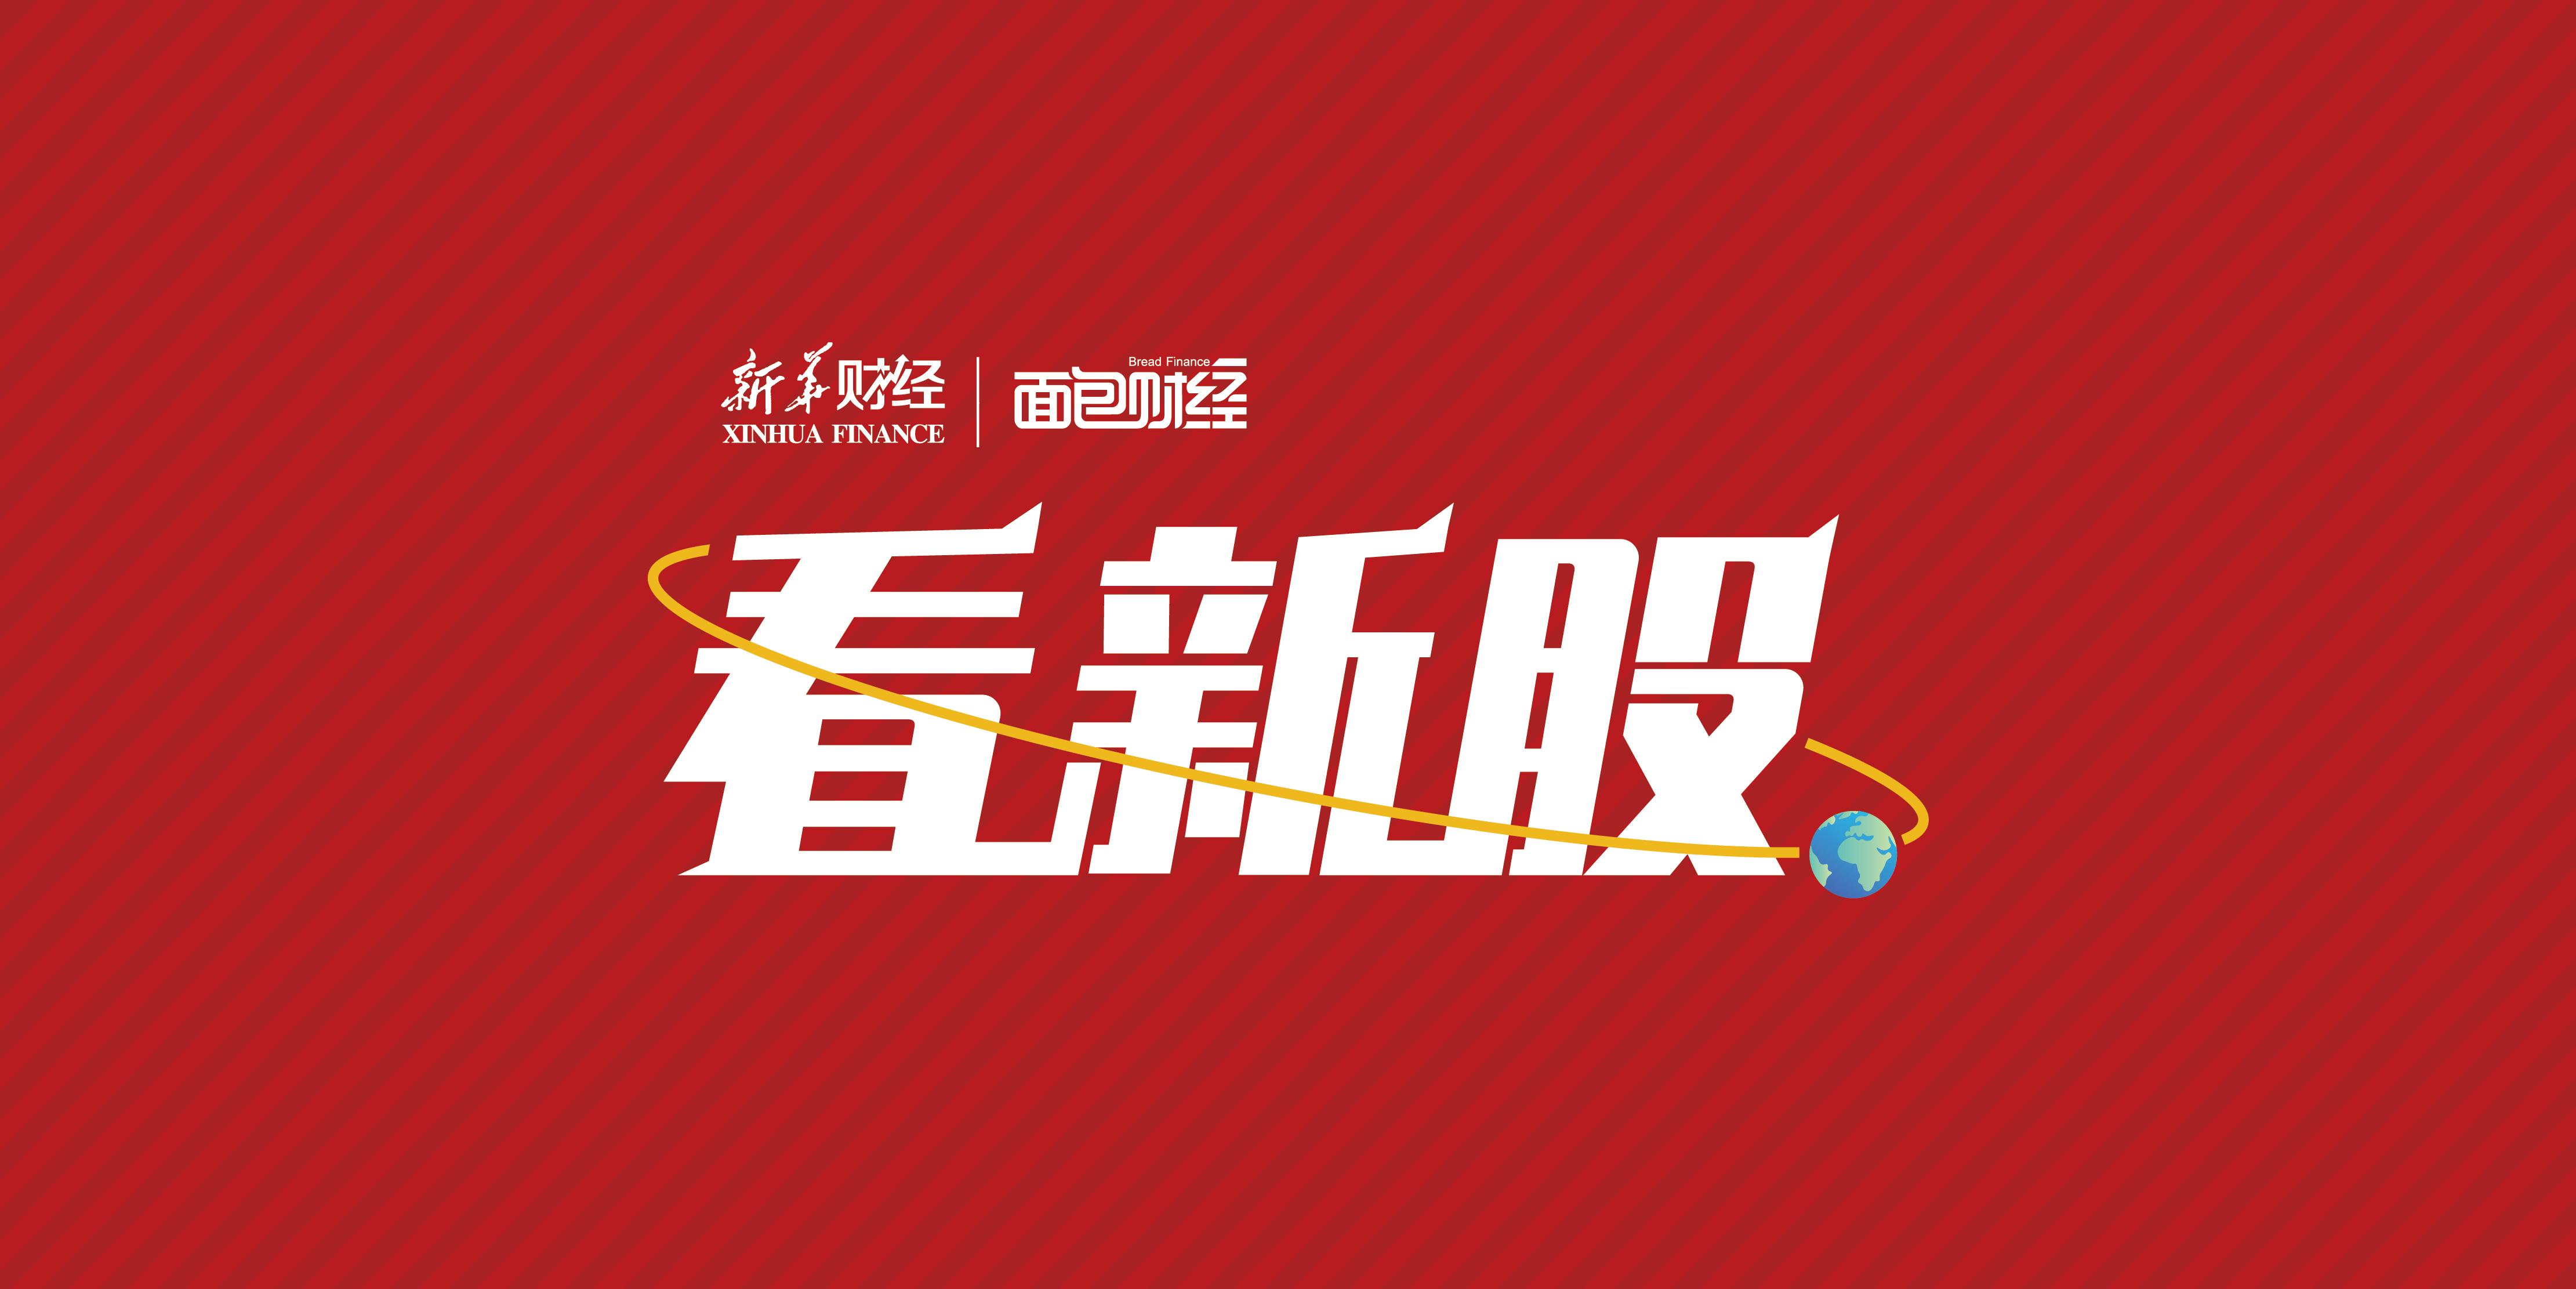 看新股logo.png